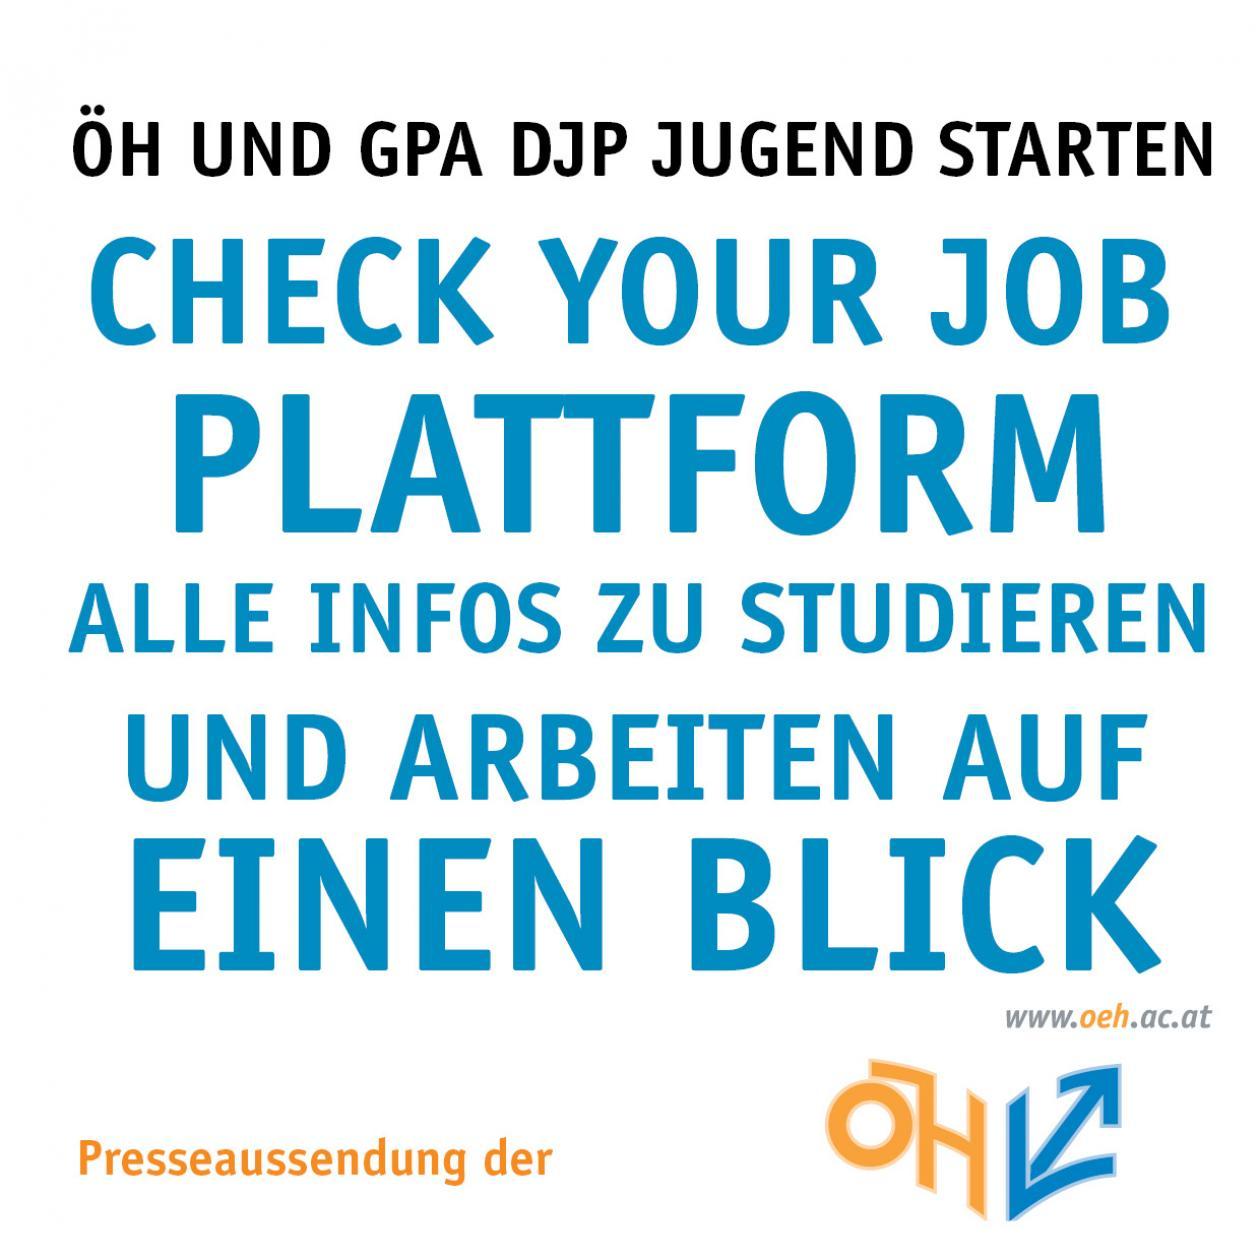 ÖH und GPA djp Jugend starten Check your Job Plattform - alle Infos zu Studieren und Arbeiten auf einen Blick